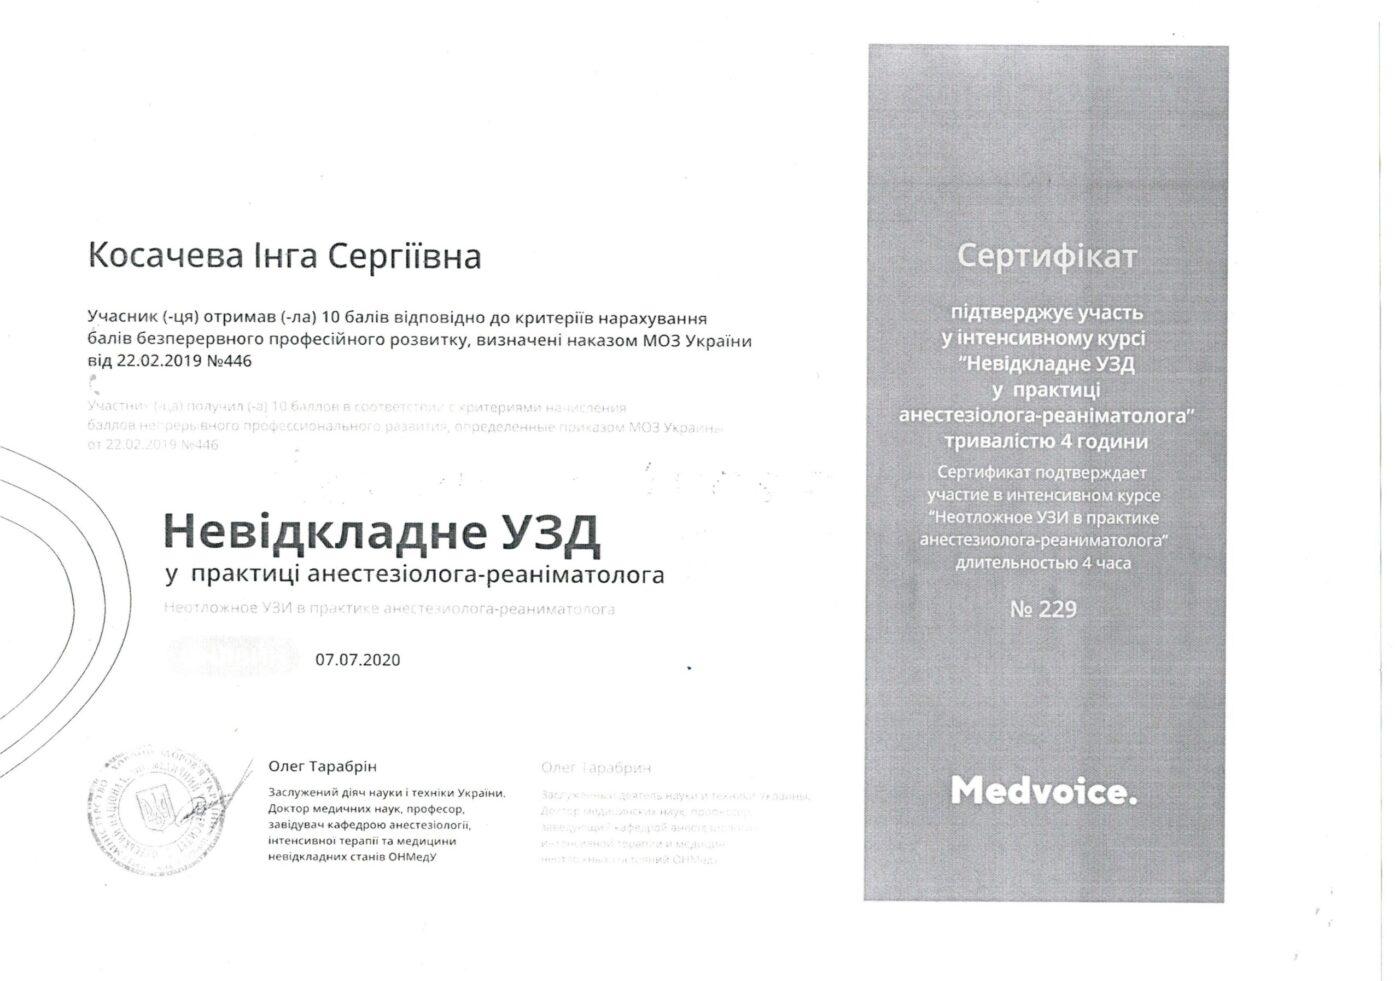 Сертифікат дитячого лікаря анестезіолога  Косачевої Інги Сергіївни об участі у курсі (Невідкладне УЗД у практиці анестезіолога-реаніматолога)